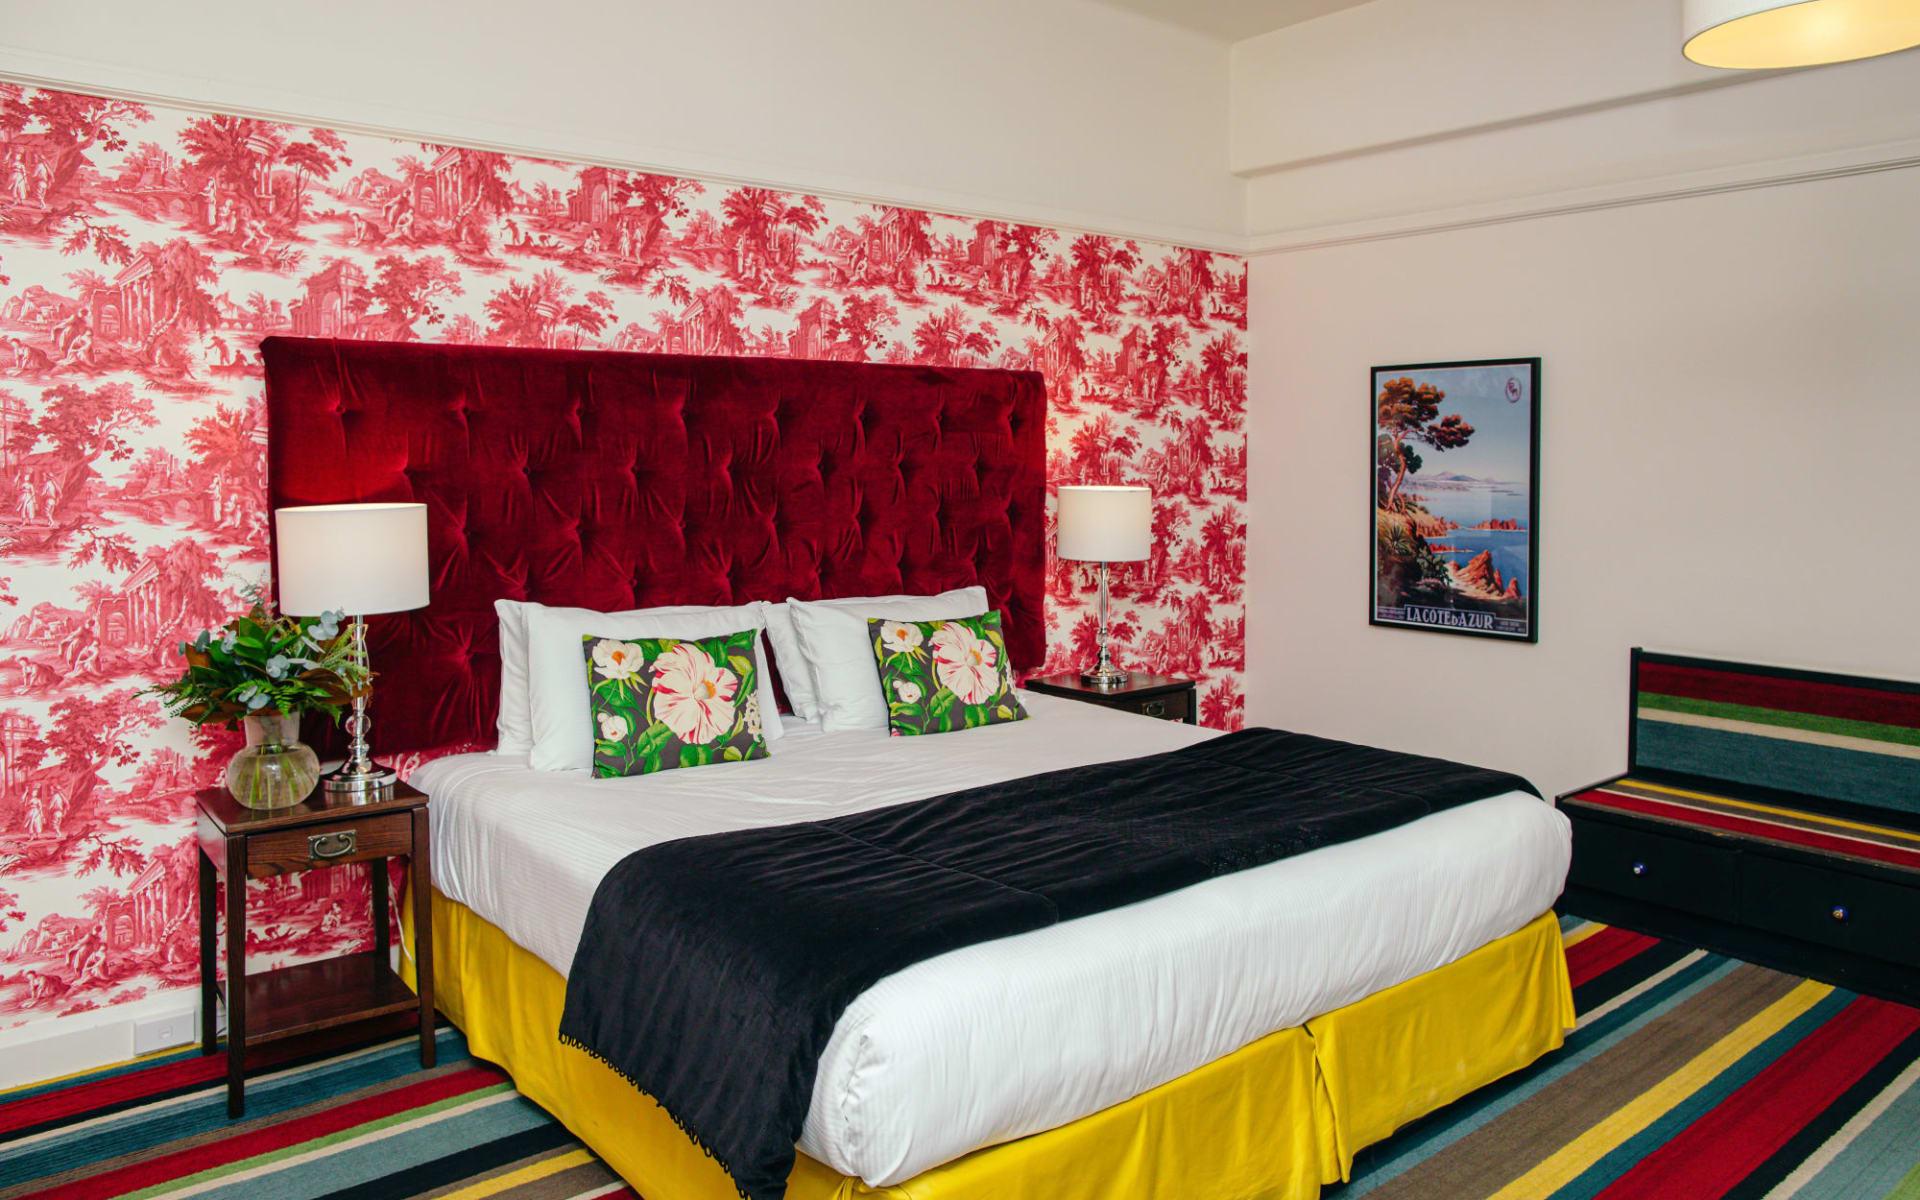 Art Deco Masonic Hotel in Napier:  Art-Deco-Studio-#1-Art-Deco-Masonic-Hotel-Rooms-May-2019-2